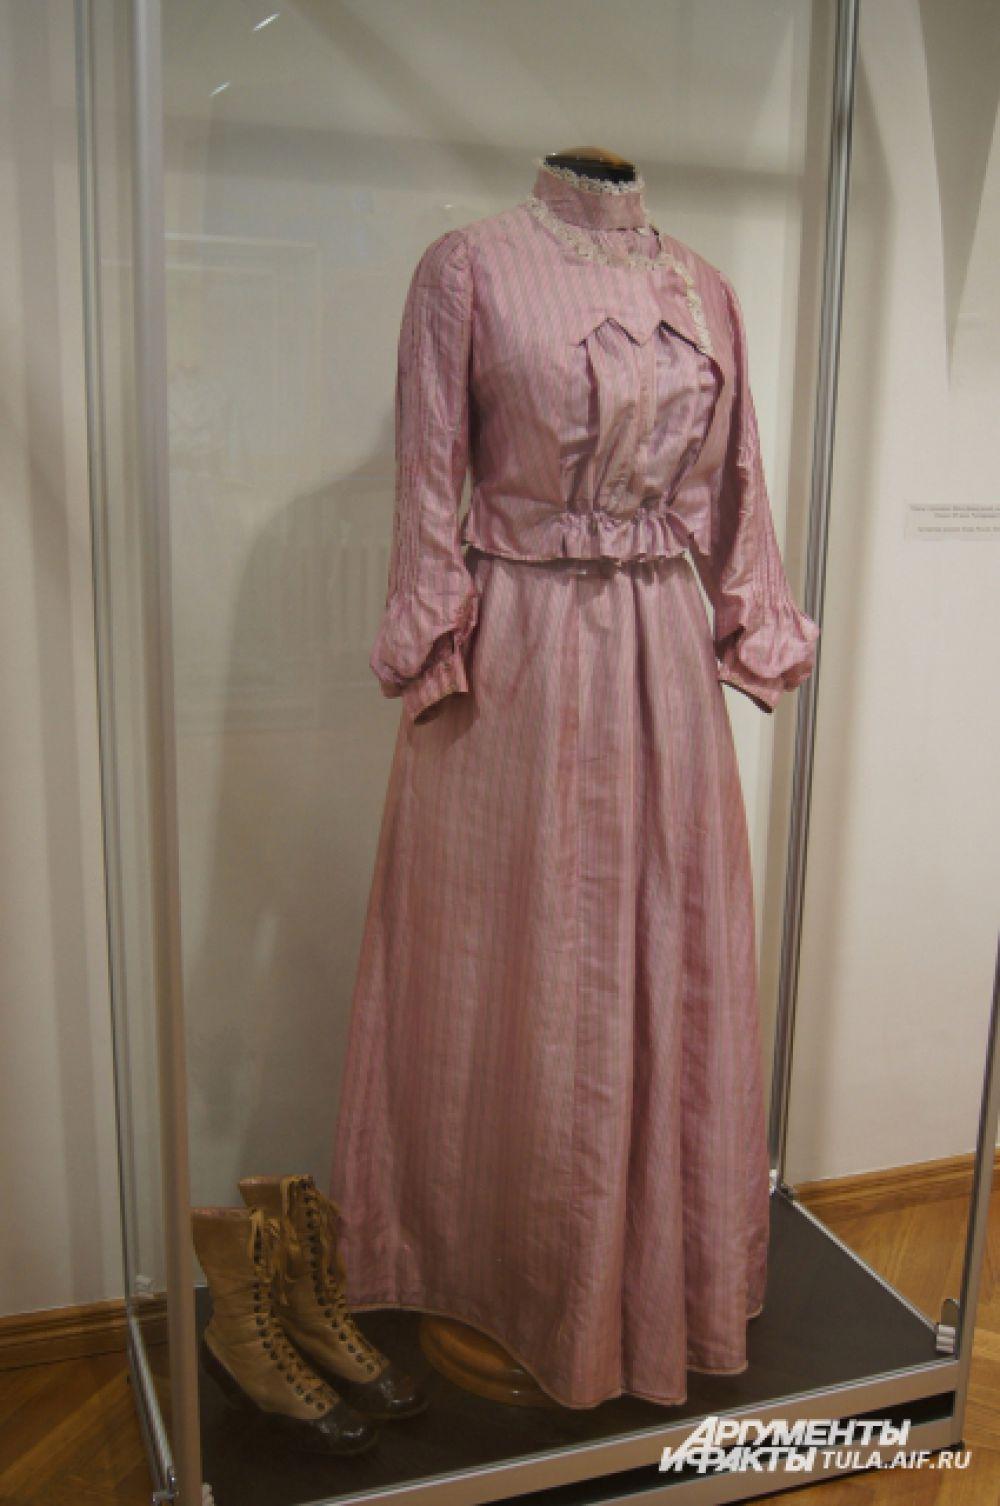 Женское городское платье и ботинки, начало 20 века